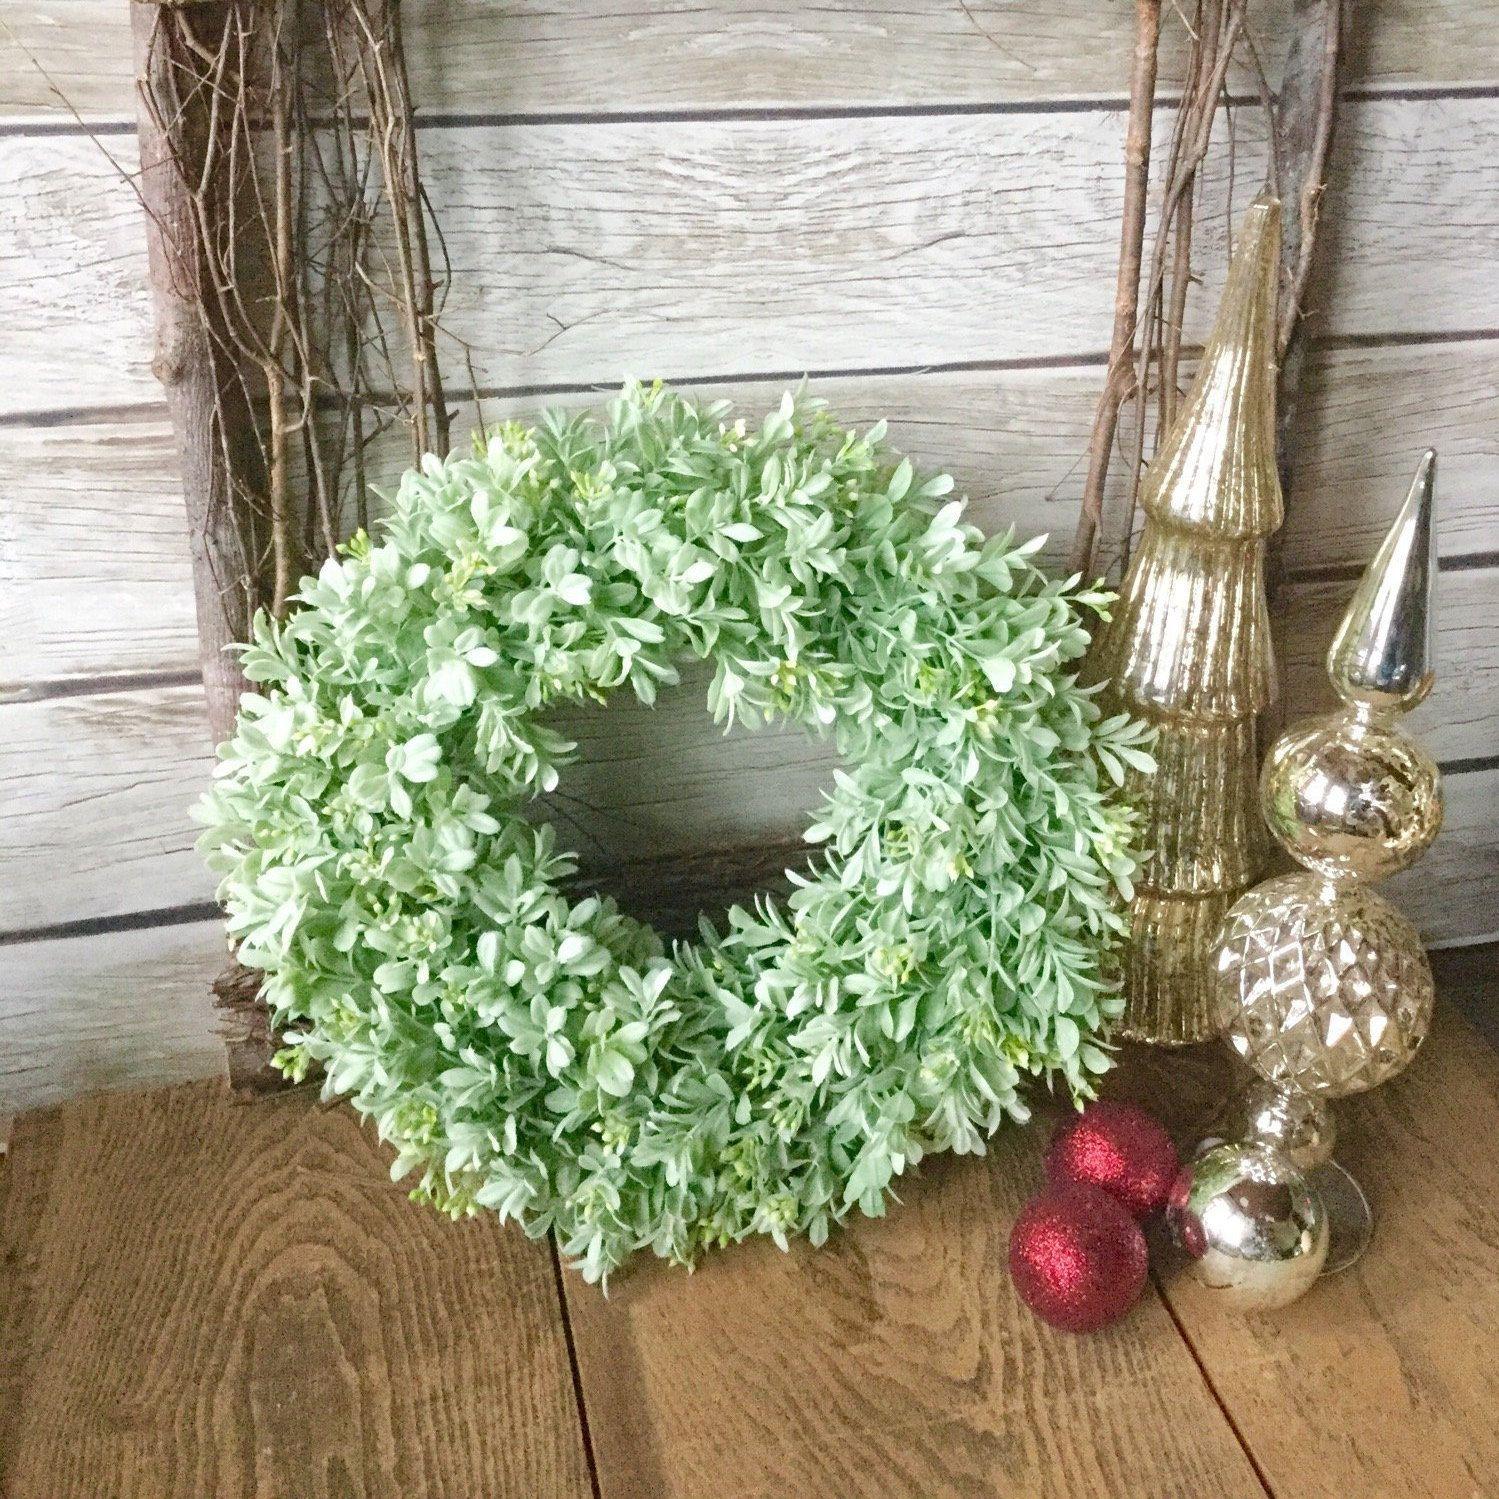 Flocked Boxwood Wreath Christmas Boxwood Wreath Artificial Boxwood Wreath Boxwood Decor Boxwood Wreath Christmas Artificial Boxwood Wreath Christmas Boxwood